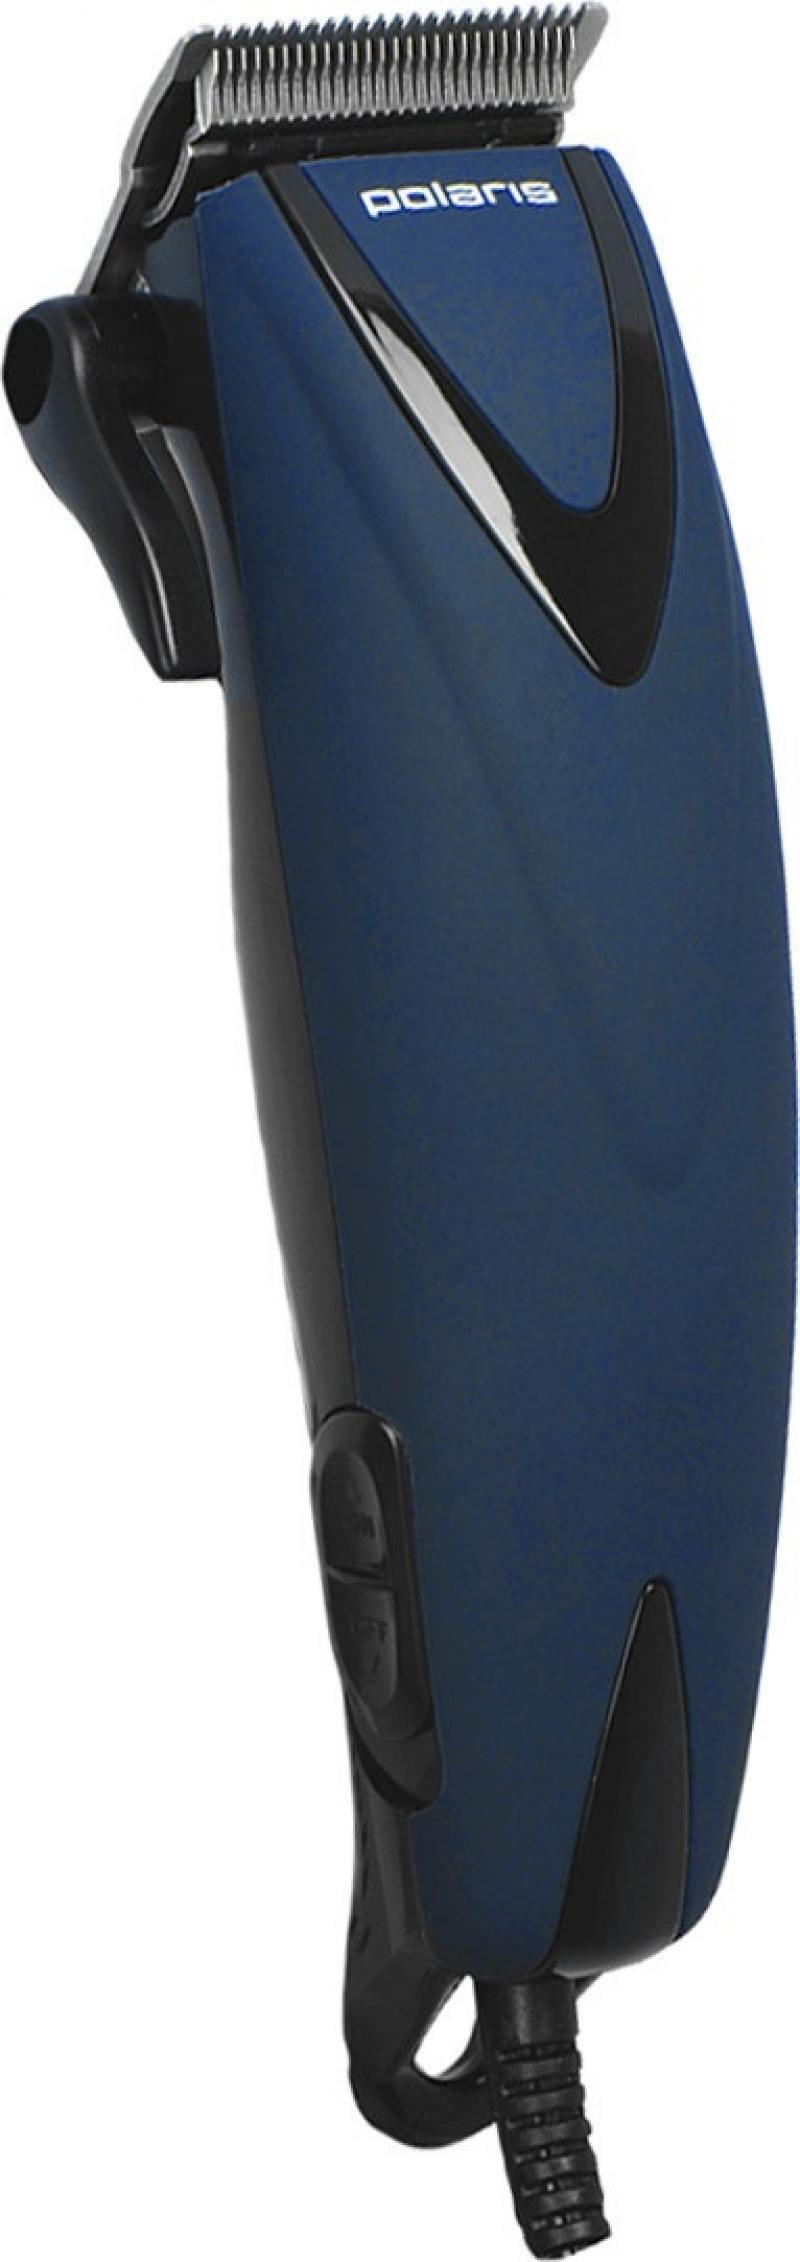 Машинка для стрижки волос Polaris PHC 0714 синий машинка для стрижки волос polaris 2502rc